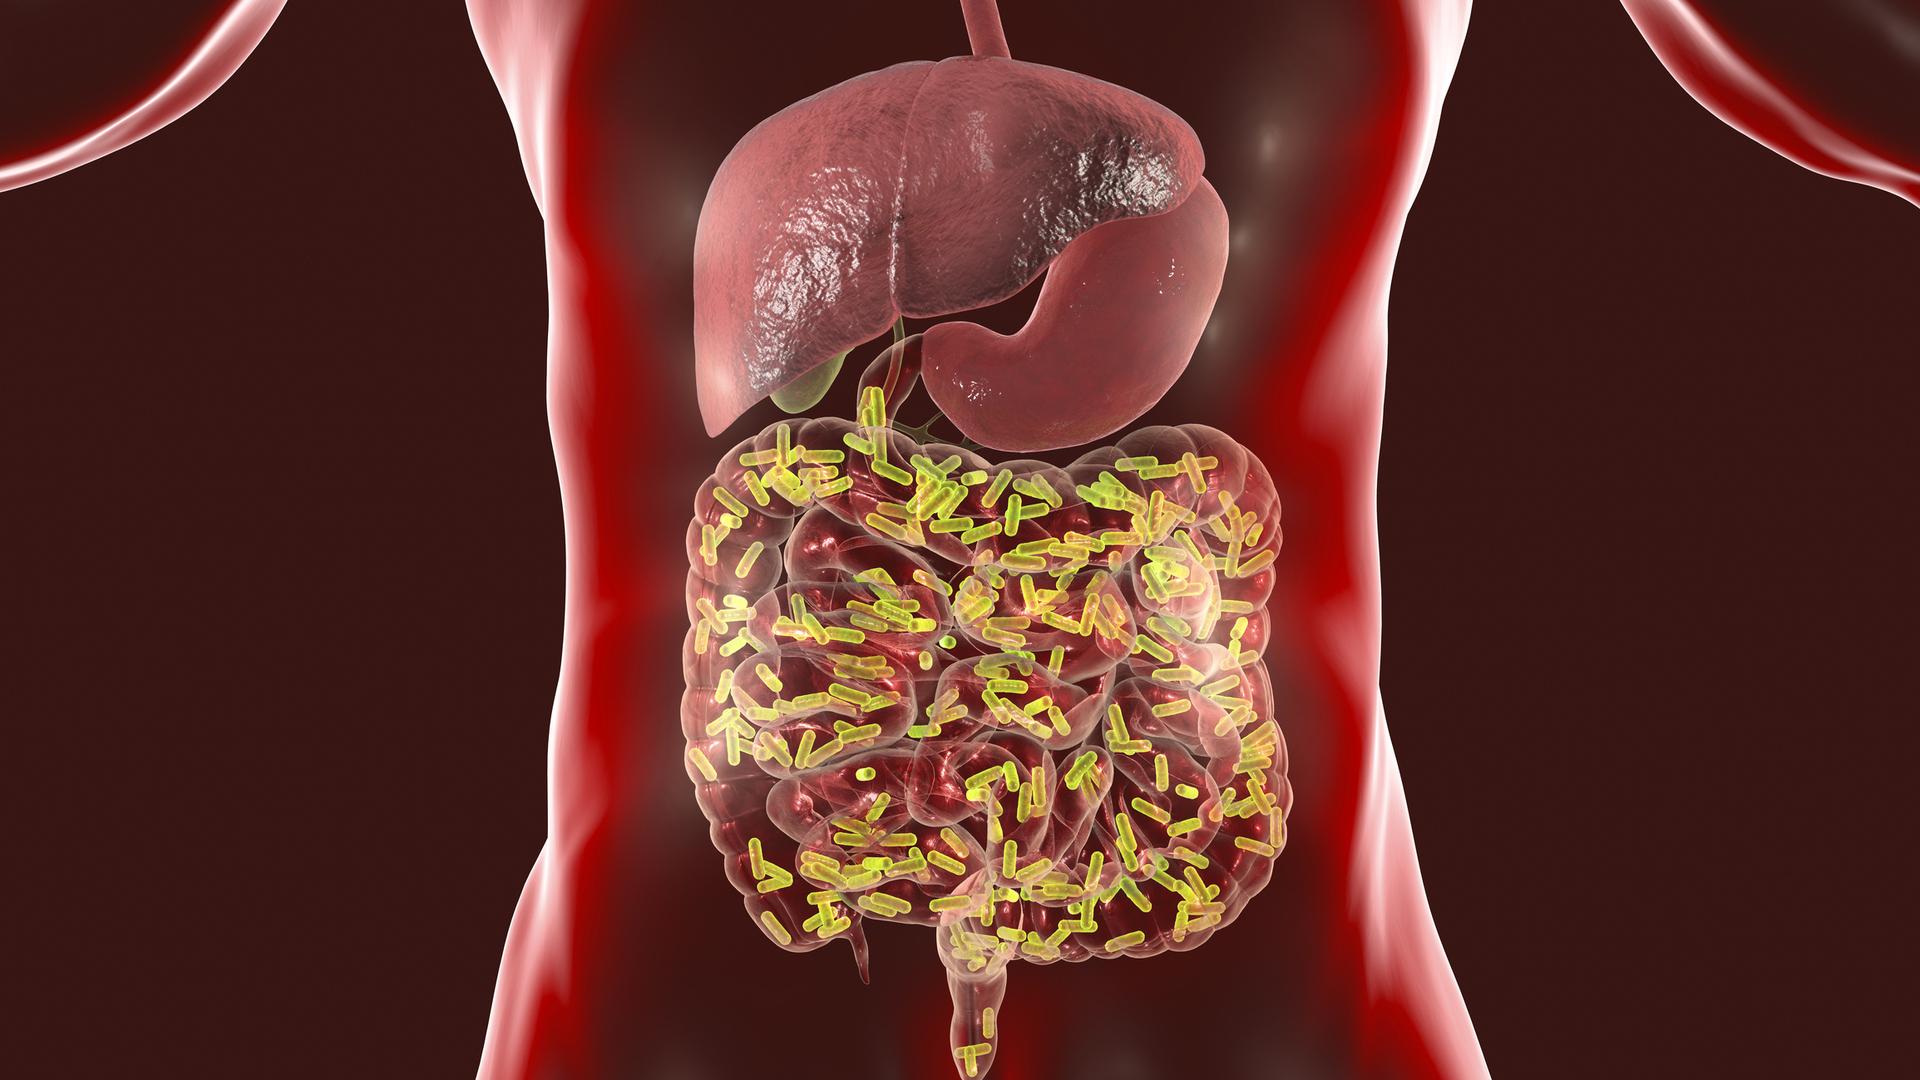 دراسة: بكتيريا الأمعاء تلعب دورا في محاربة كورونا